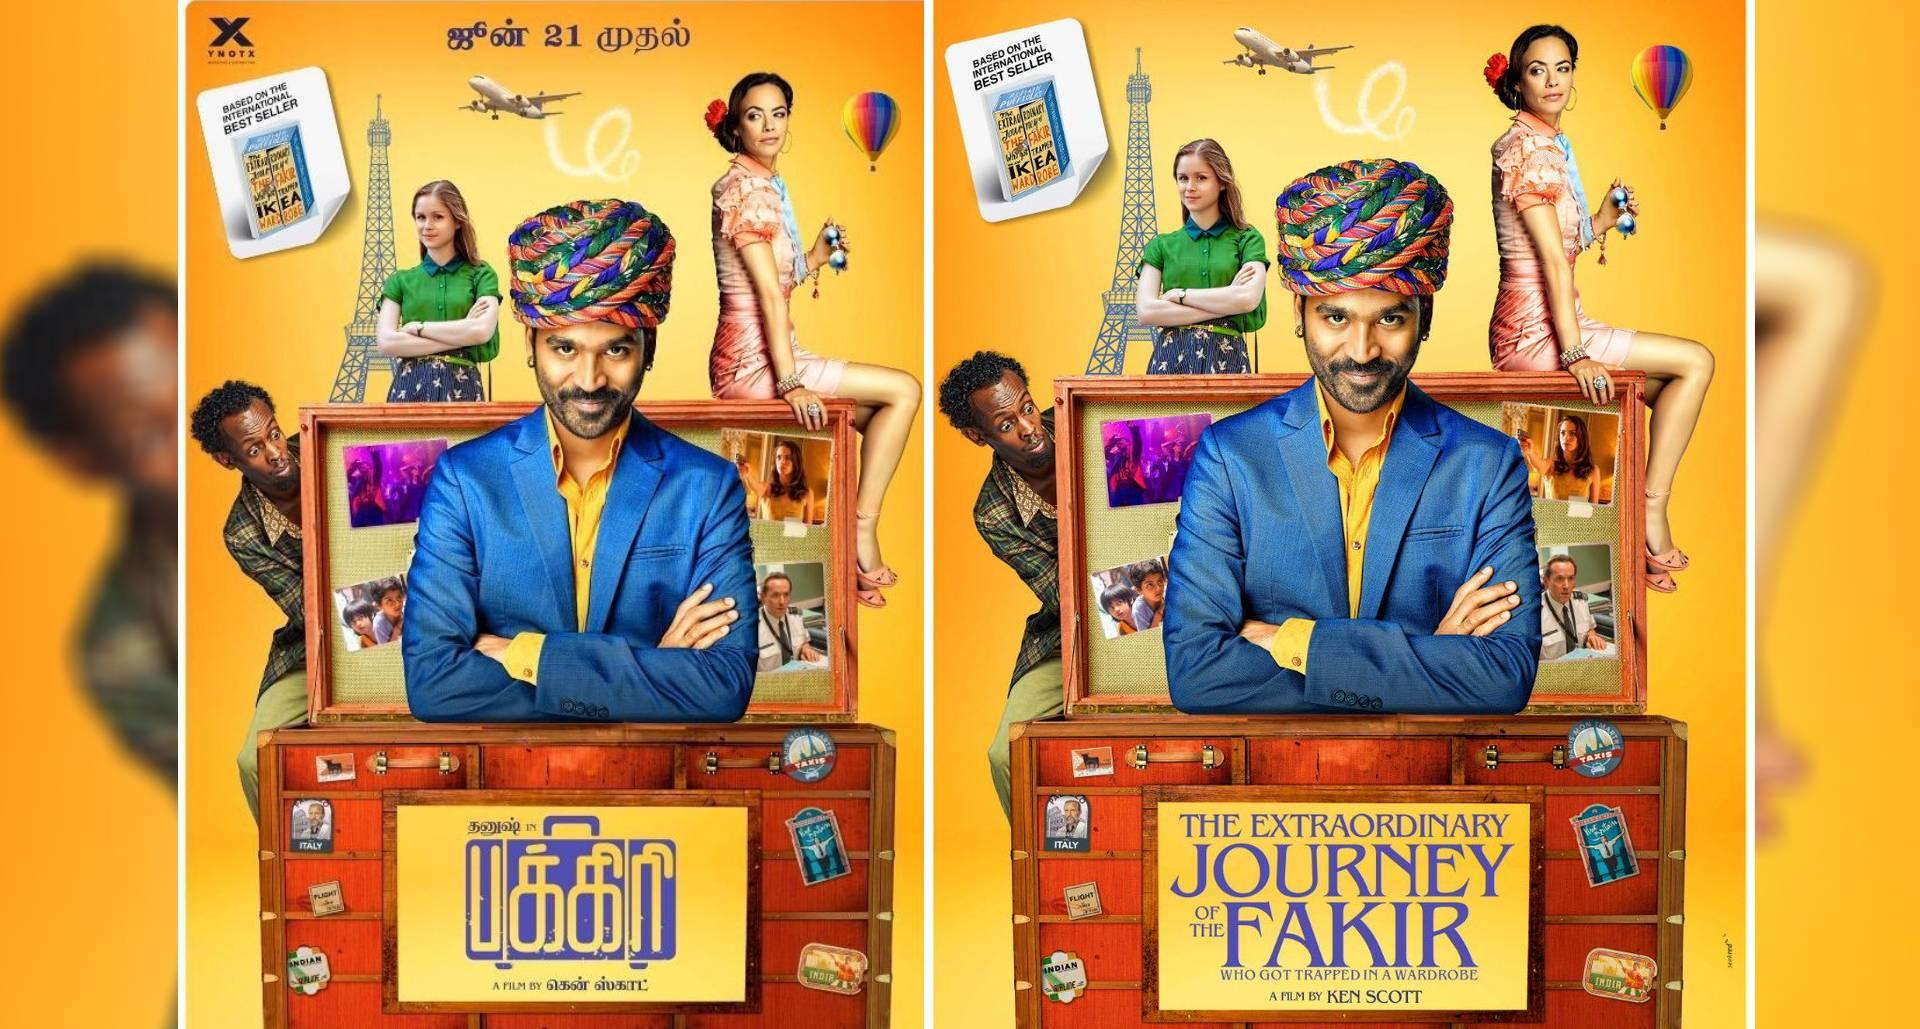 The Extraordinary Journey Of The Fakir बनी धनुष की पहली इंटरनेशनल फिल्म, 21 जून को इंडिया में होगी रिलीज